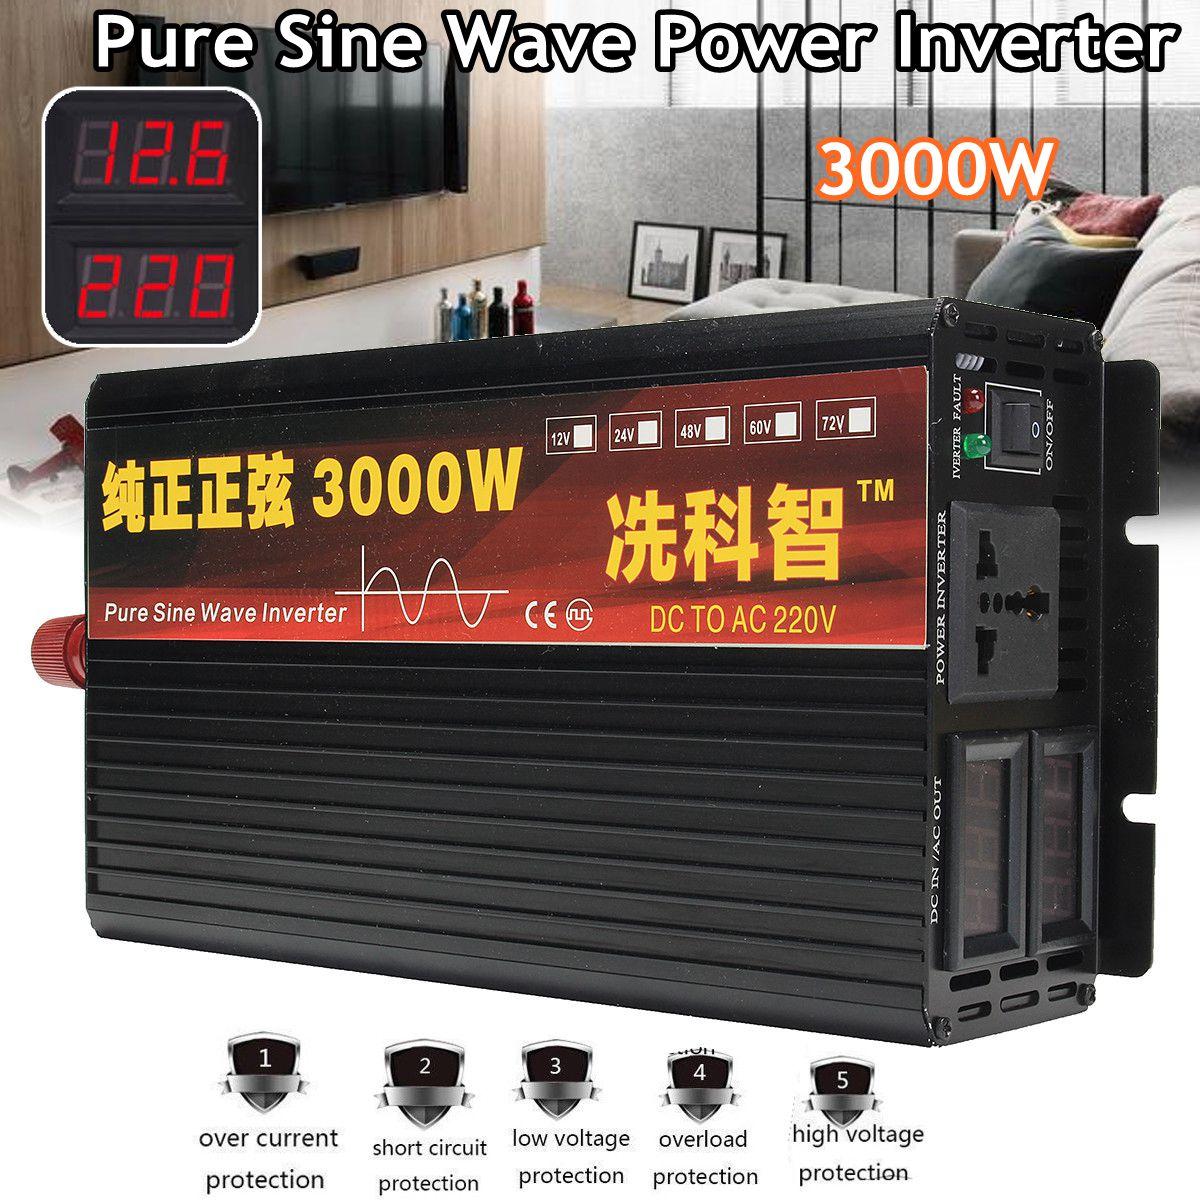 Инвертор 12 V/24 V 220V 2000/3000/4000W Напряжение трансформатор с немодулированным синусоидальным сигналом Мощность инвертор DC12V к переменному току 220V преобразователь + 2 светодиодный Дисплей